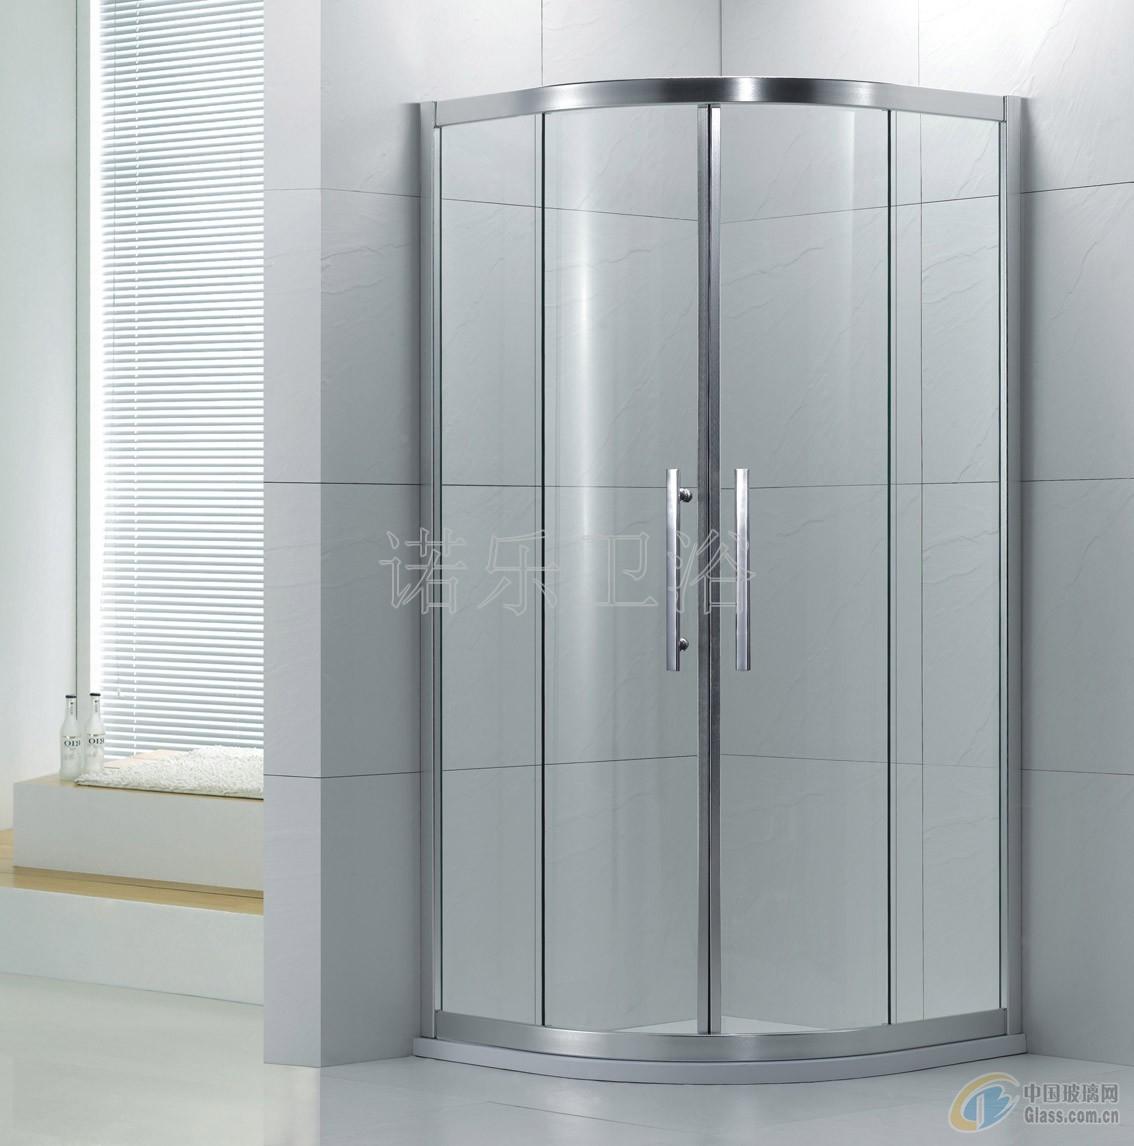 中国玻璃网 资讯 产品图片 > 圆形淋浴房-钻石形淋浴房  圆形淋浴房